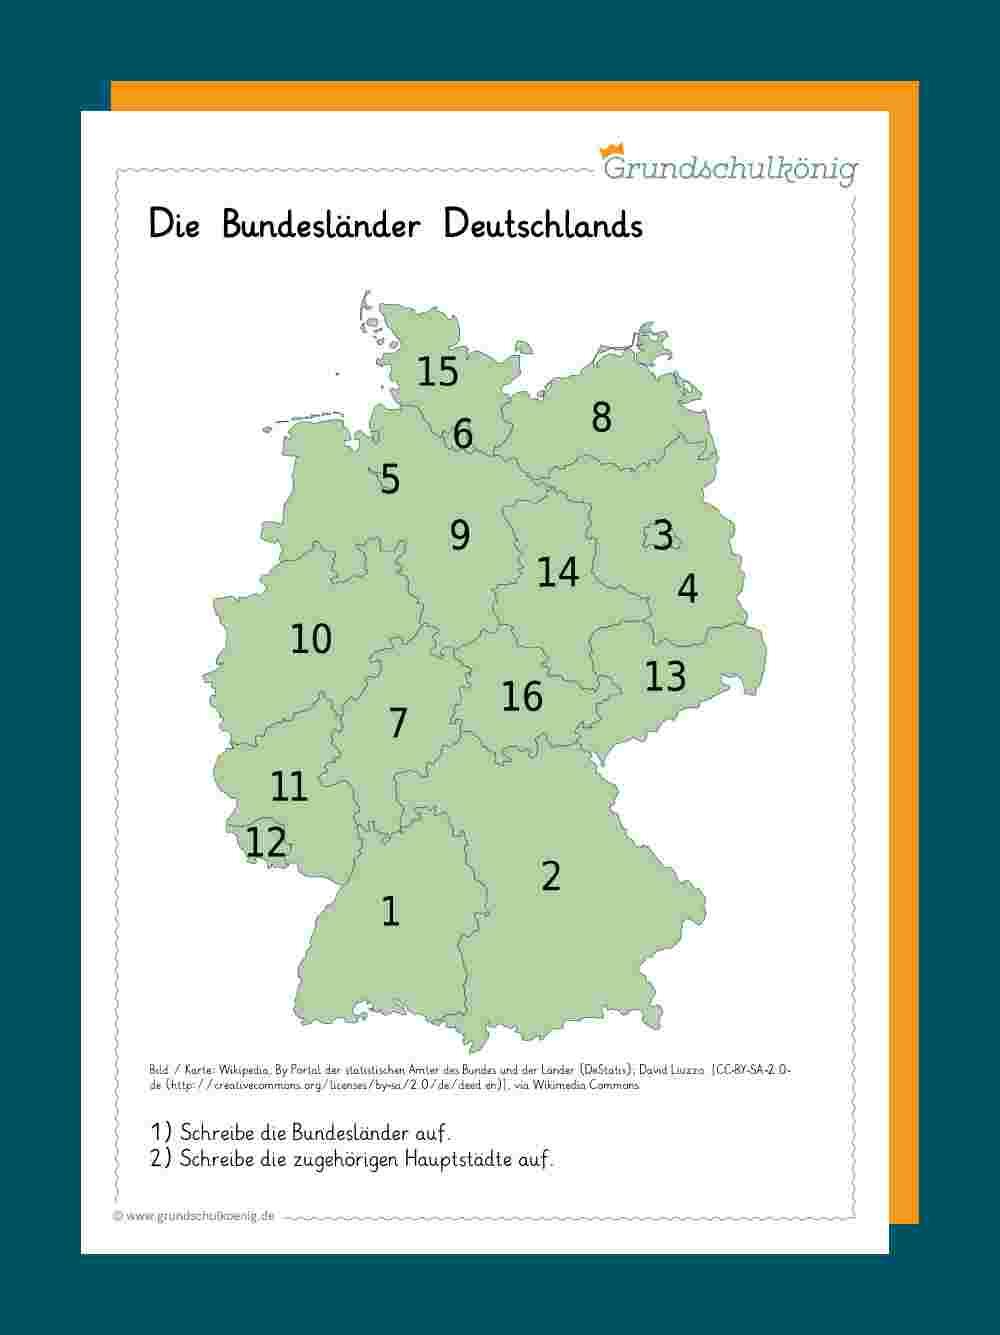 Deutschland bestimmt für Bundesländer Der Brd Und Ihre Hauptstädte